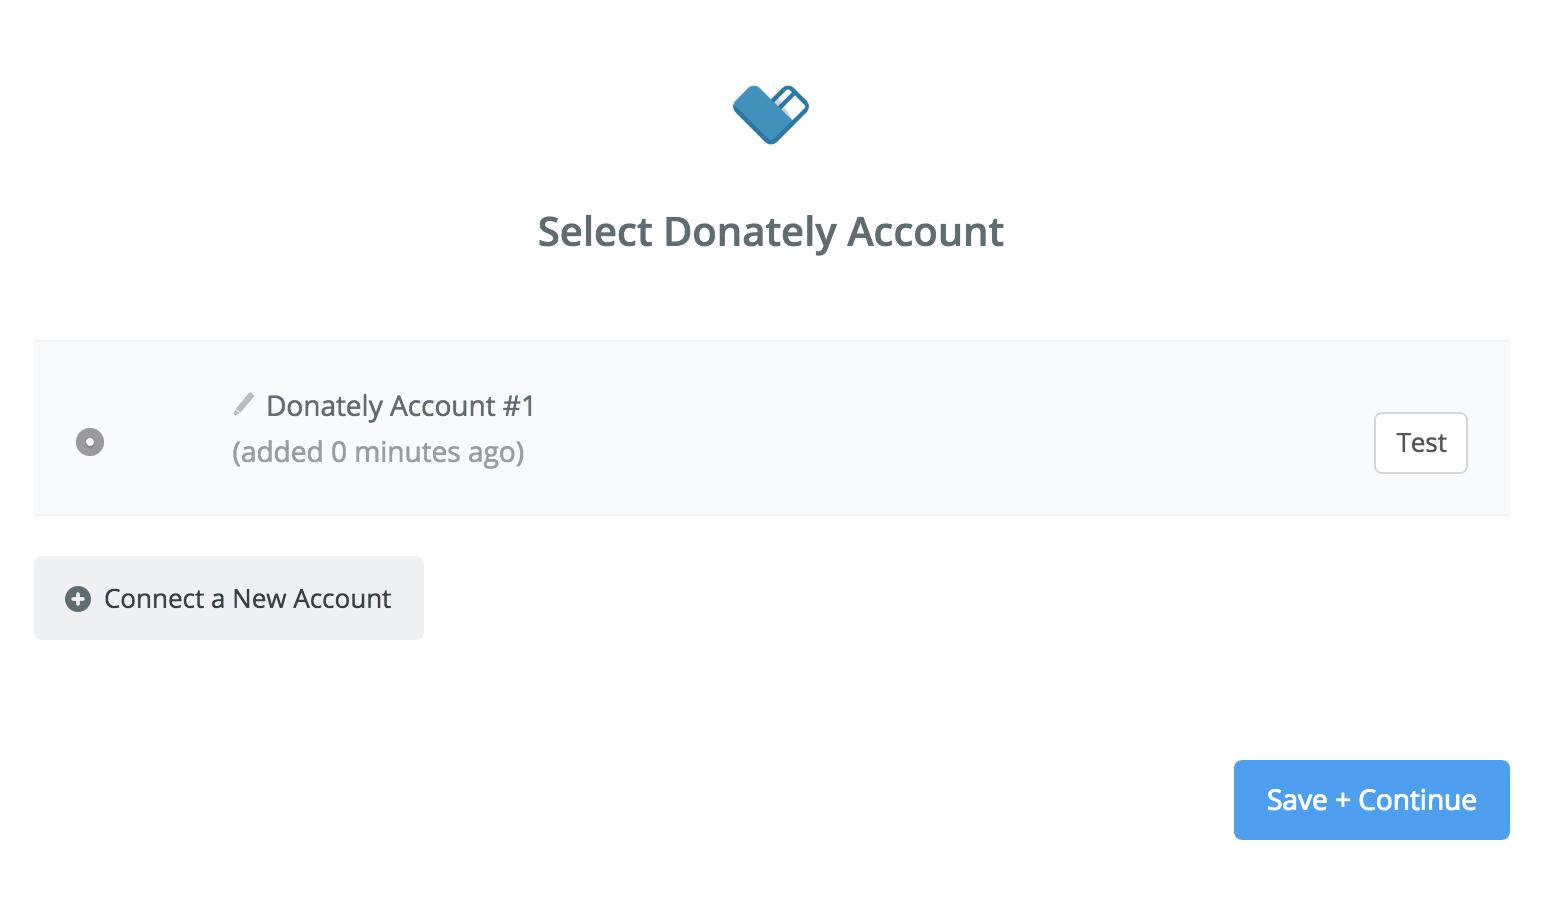 donatelyconnected